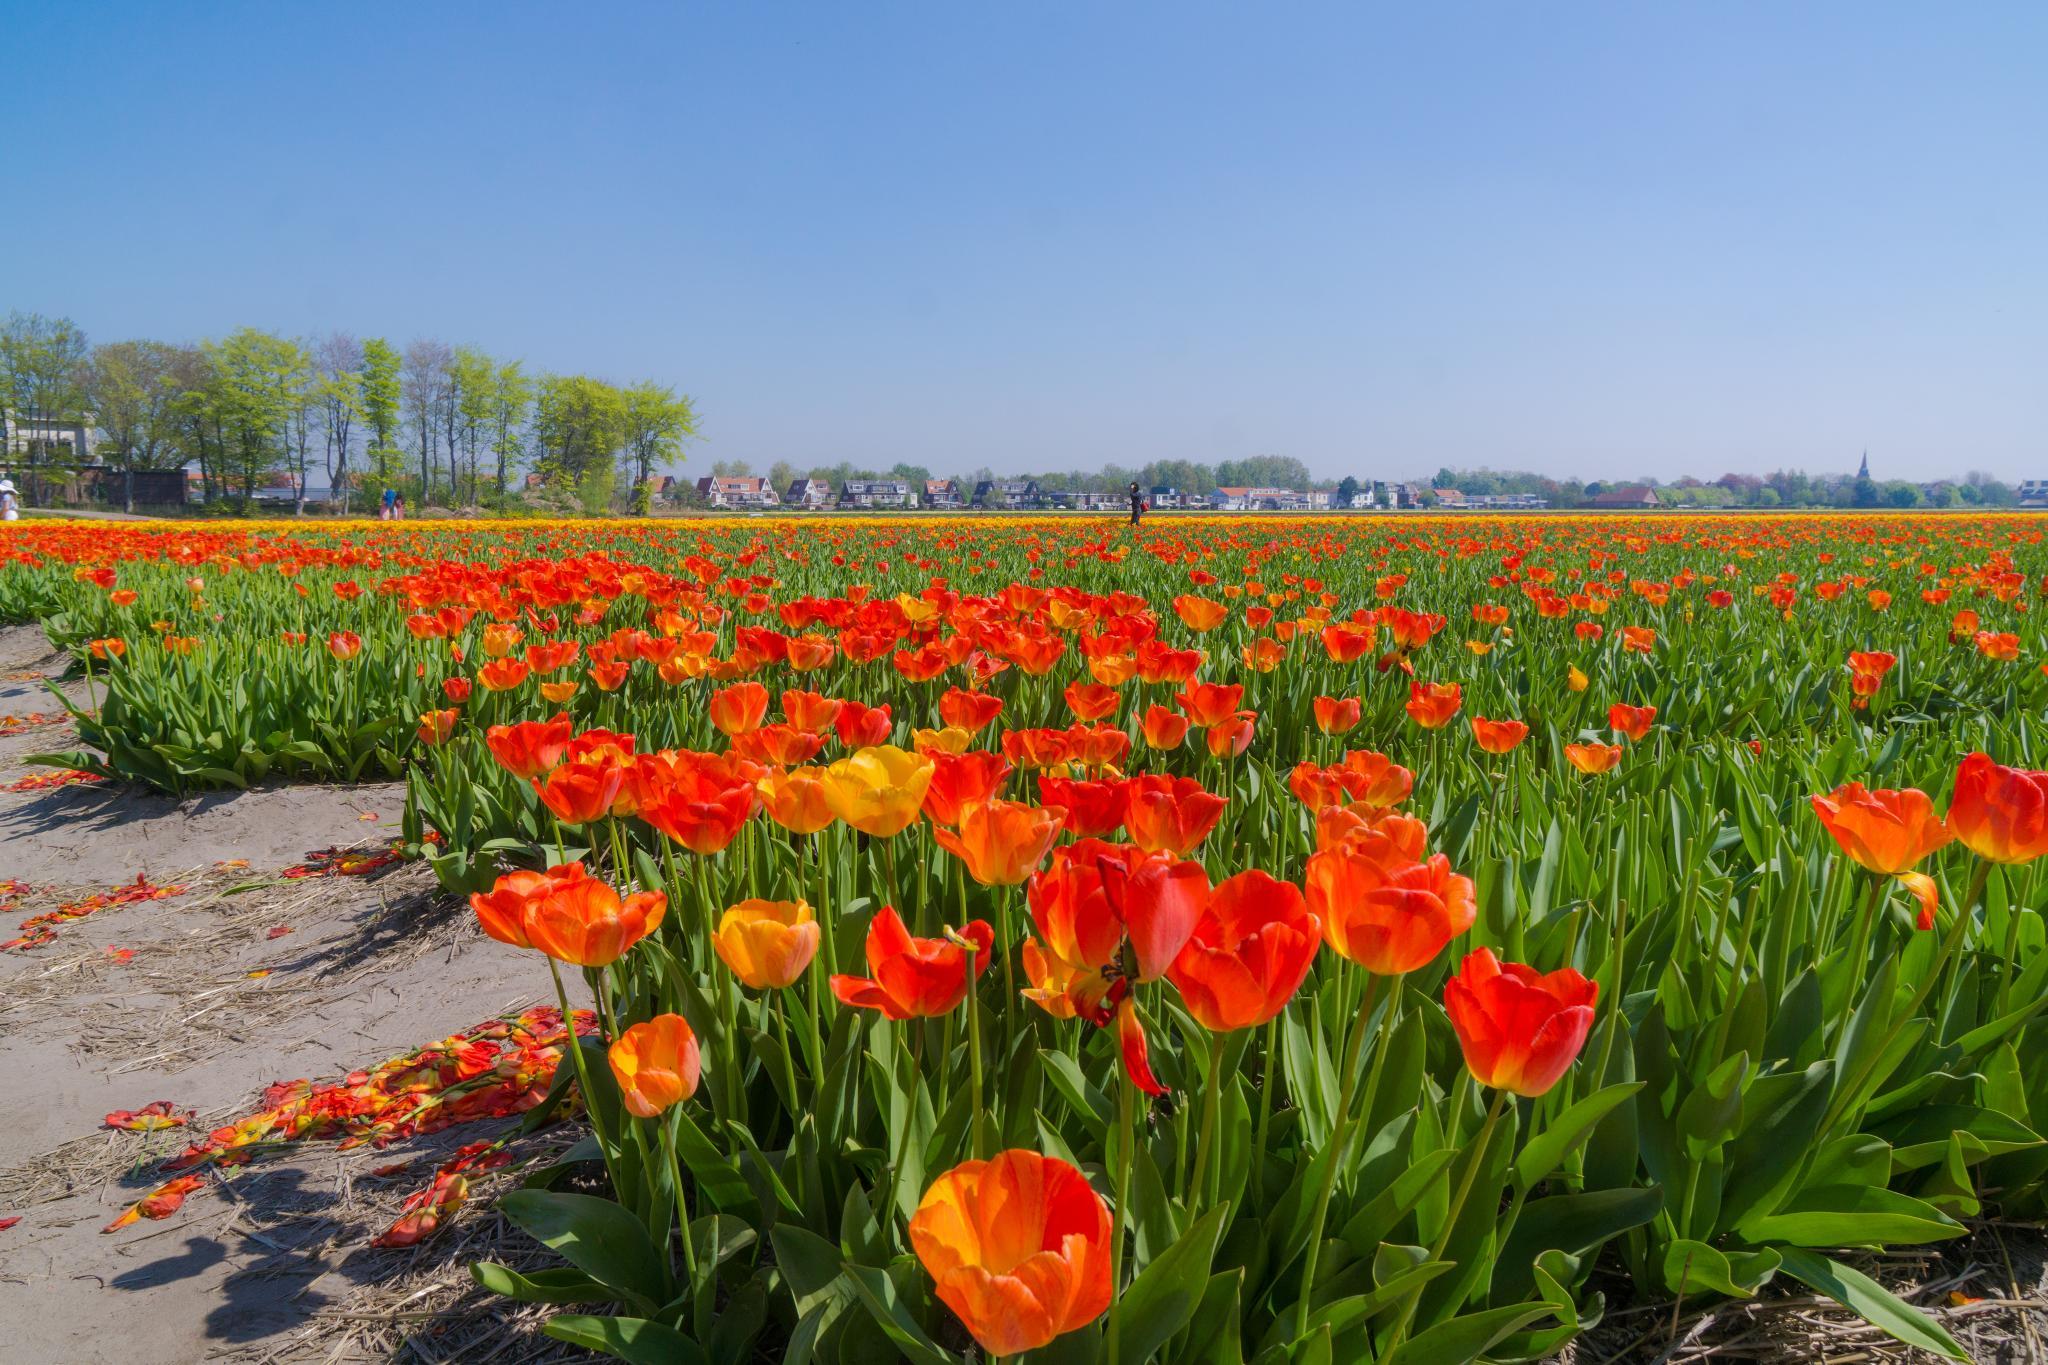 【荷蘭印象】花田嬉事:荷蘭單車花之路 21